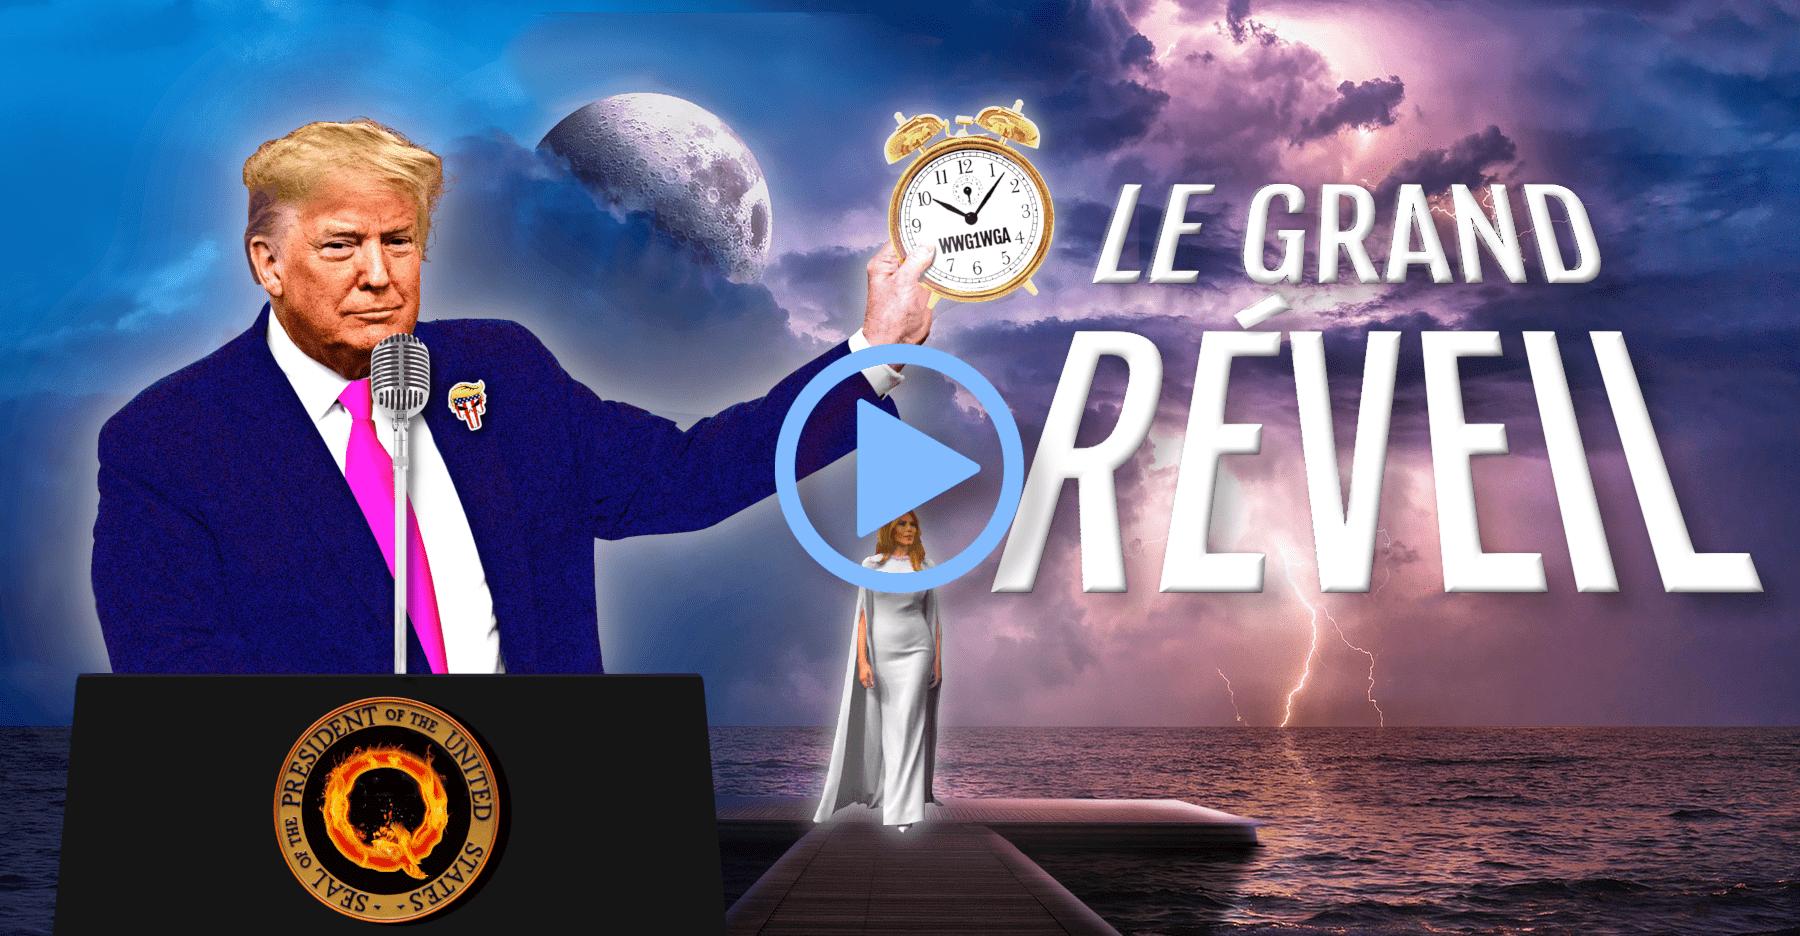 Le Grand Reveil